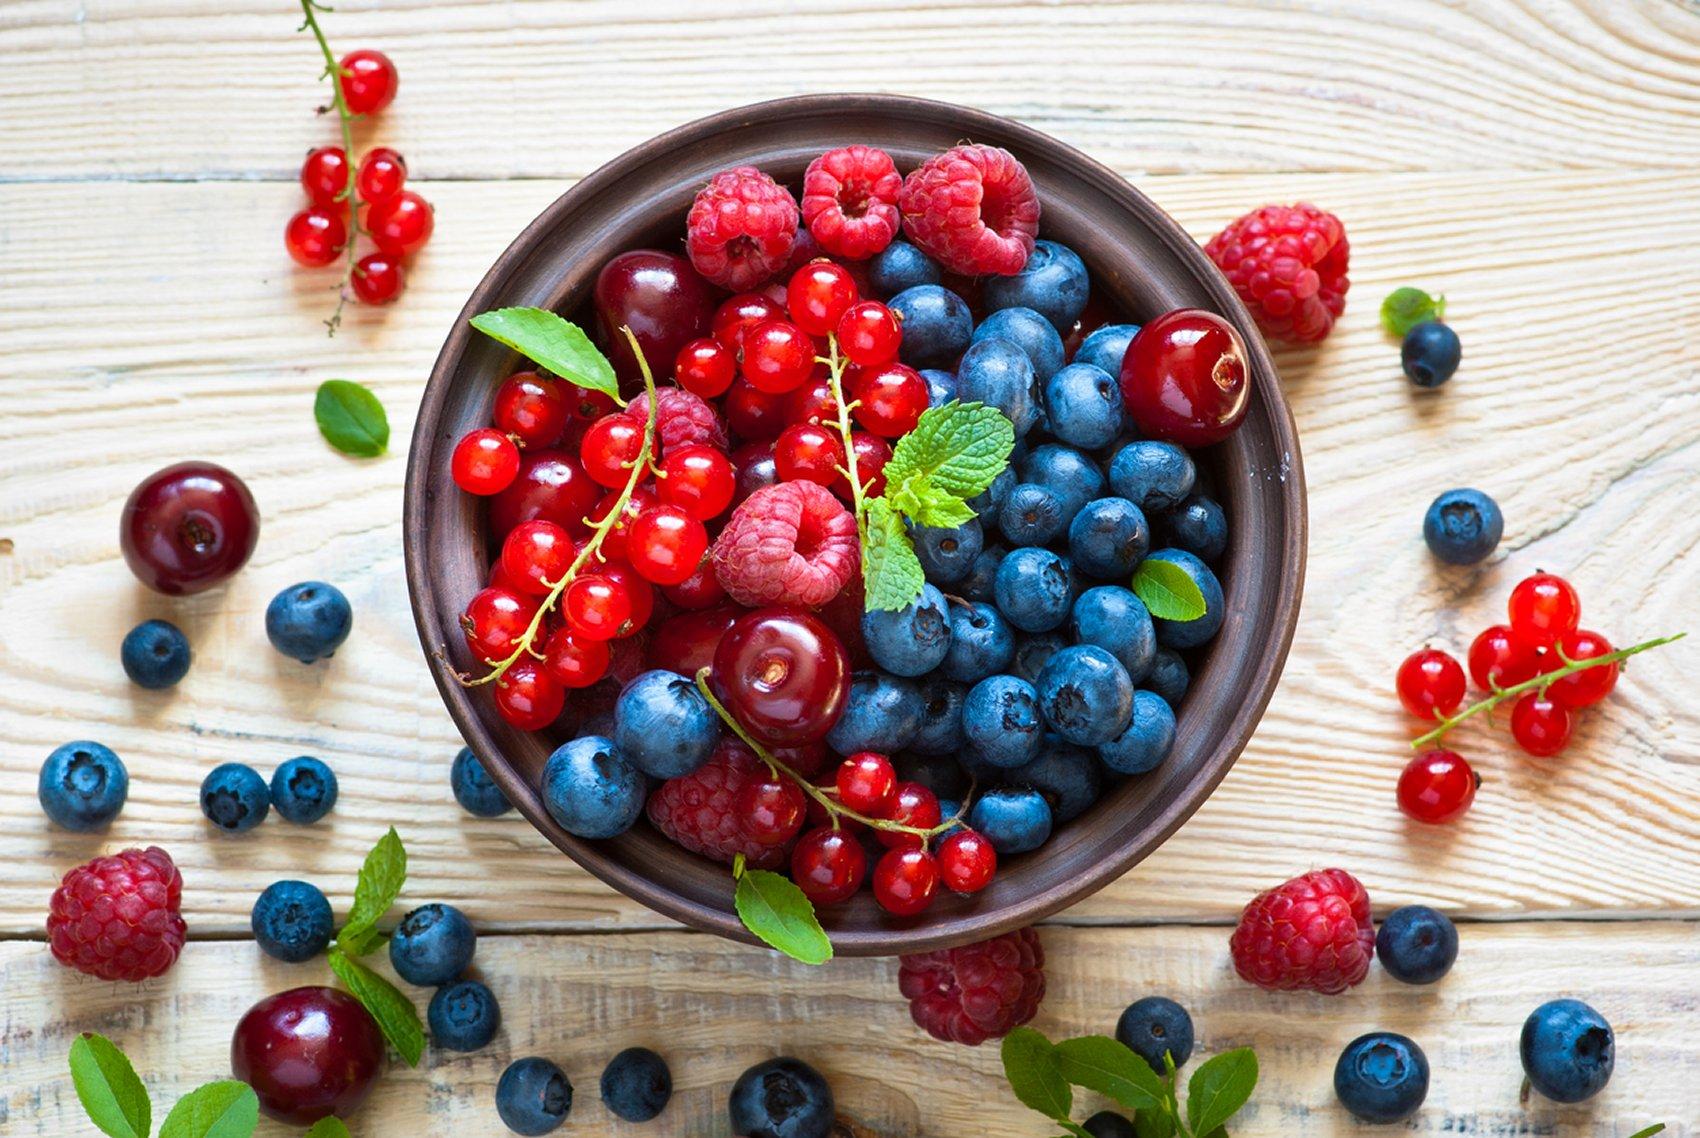 gli alimenti accelerano il metabolismo bruciano i grassi